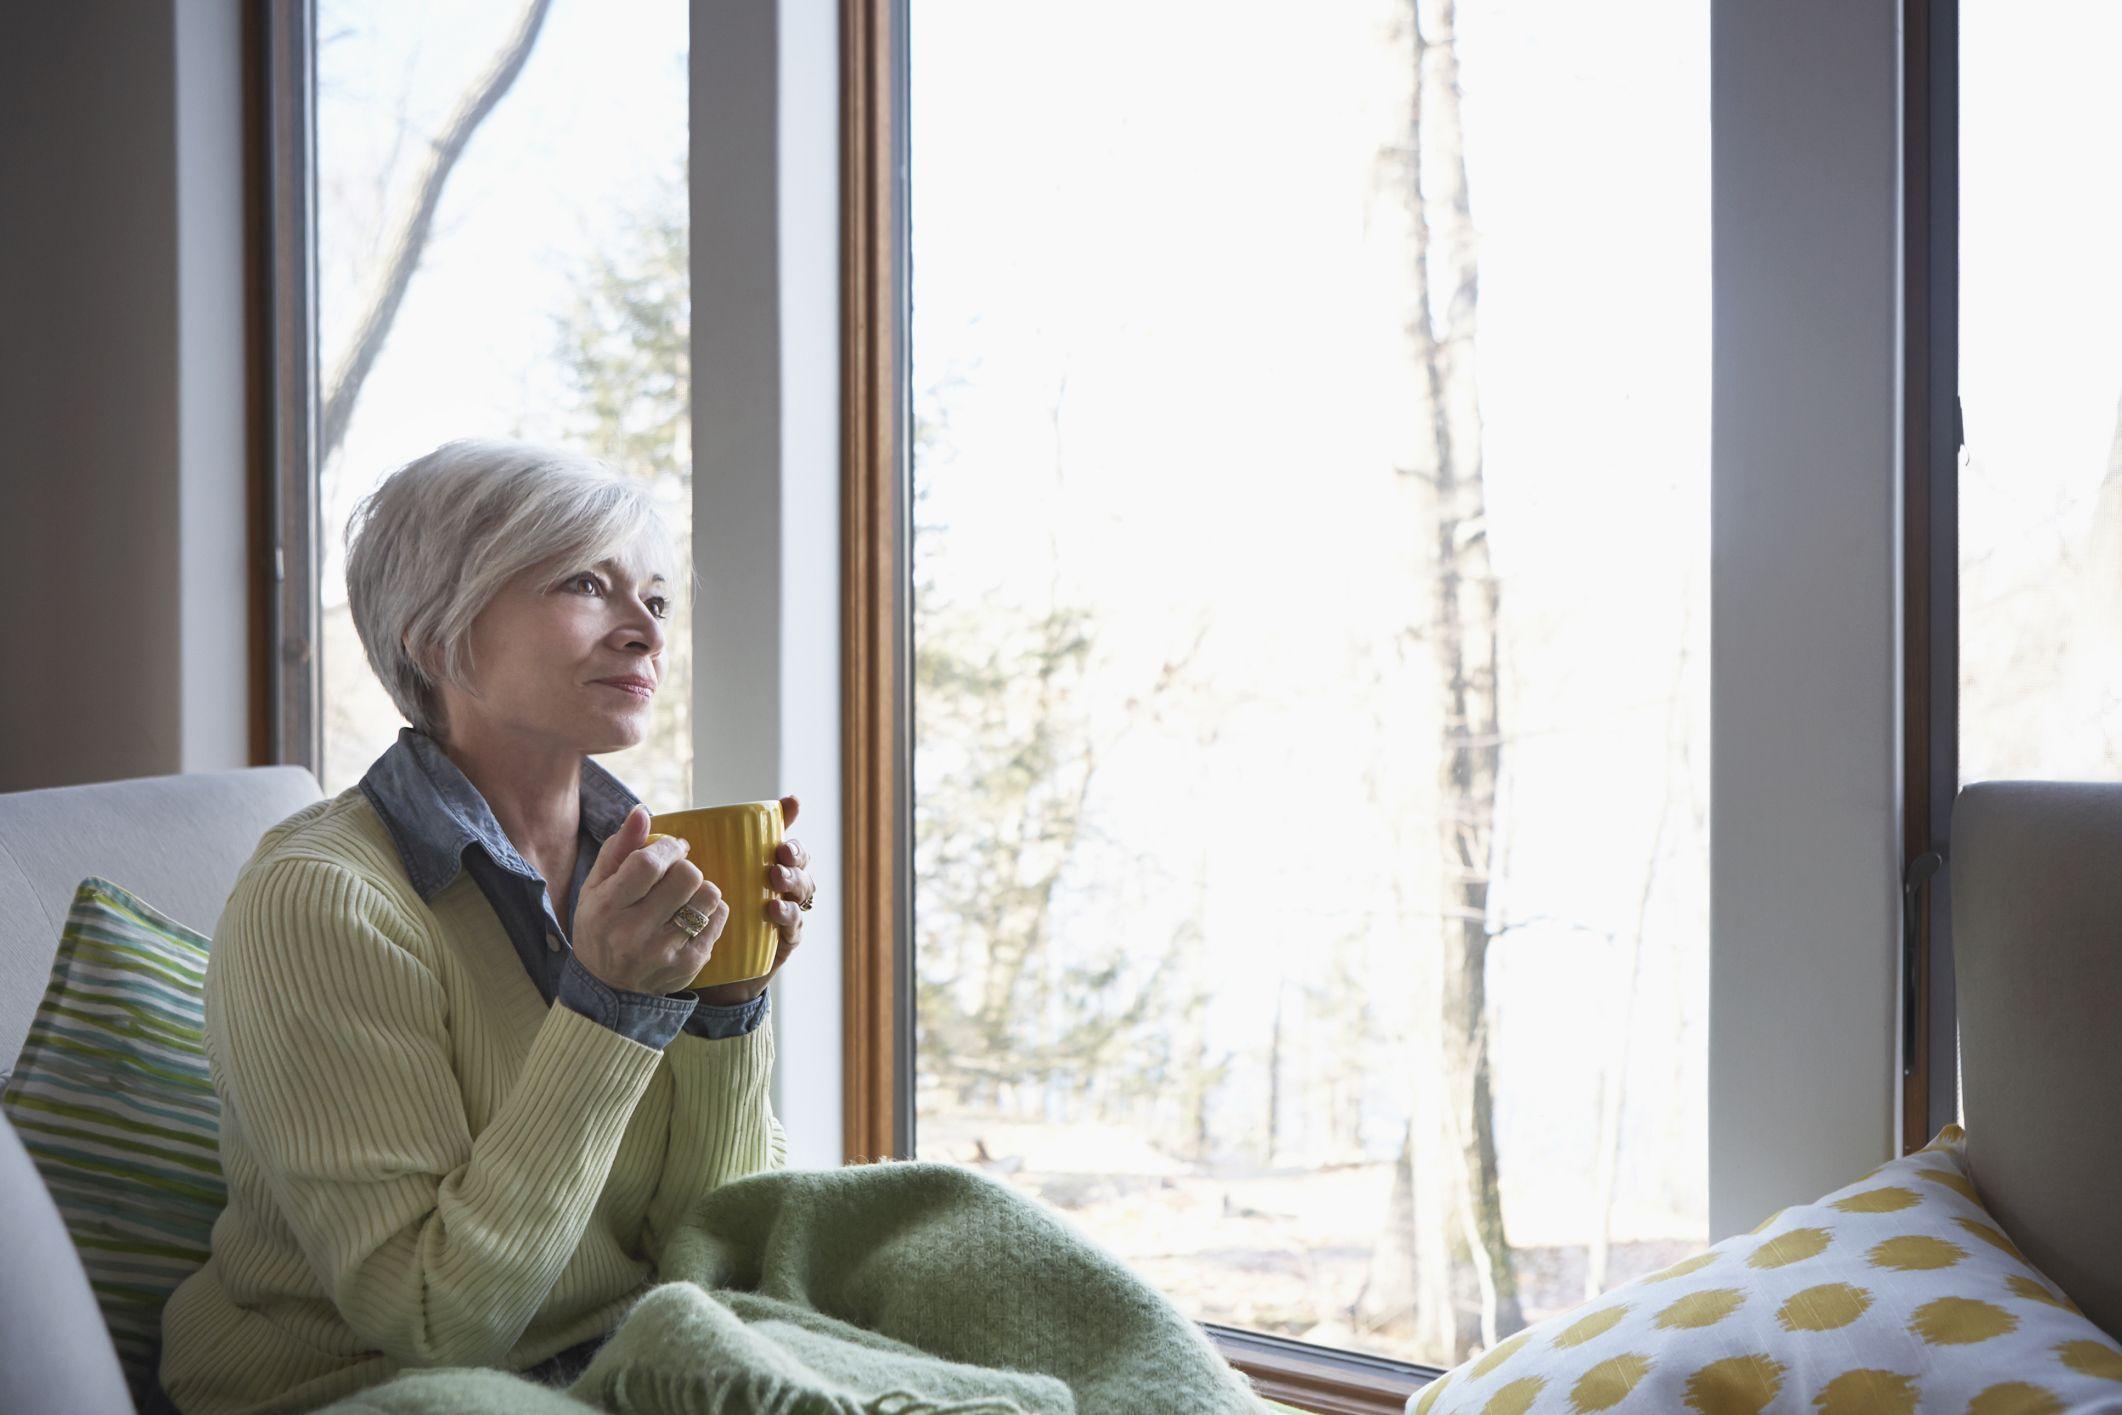 Poltrone per anziani: qual'è la migliore?